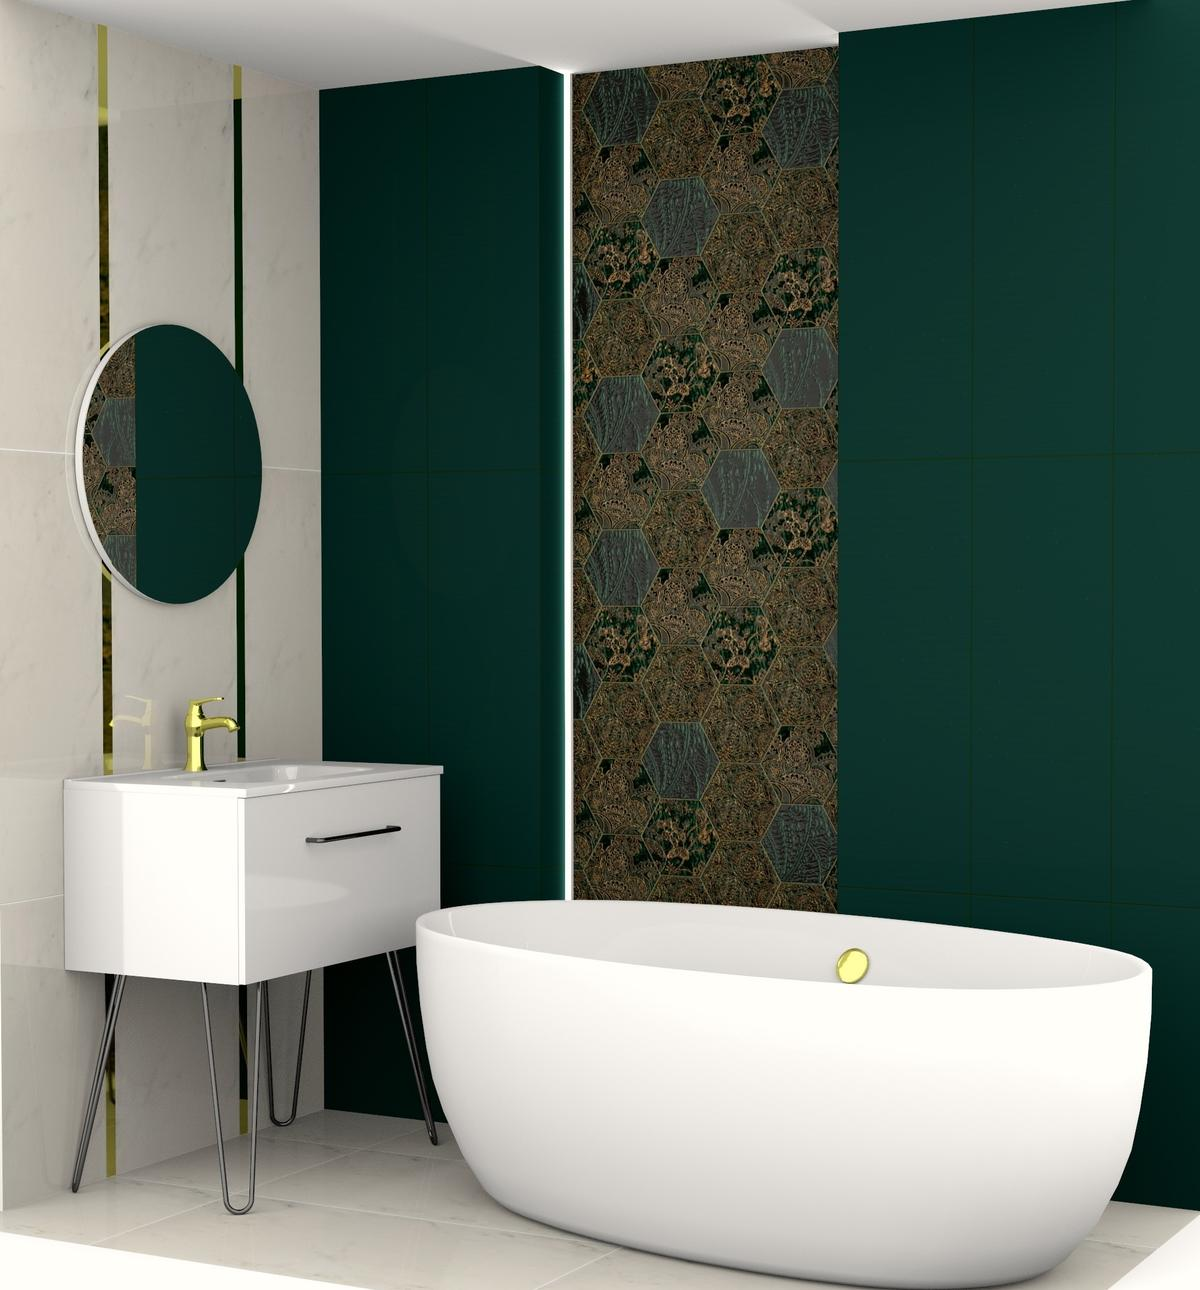 Łazienka z mocnymi akcentami zieleni i złota - zdjęcie od BLU Salon Łazienek Tarnobrzeg